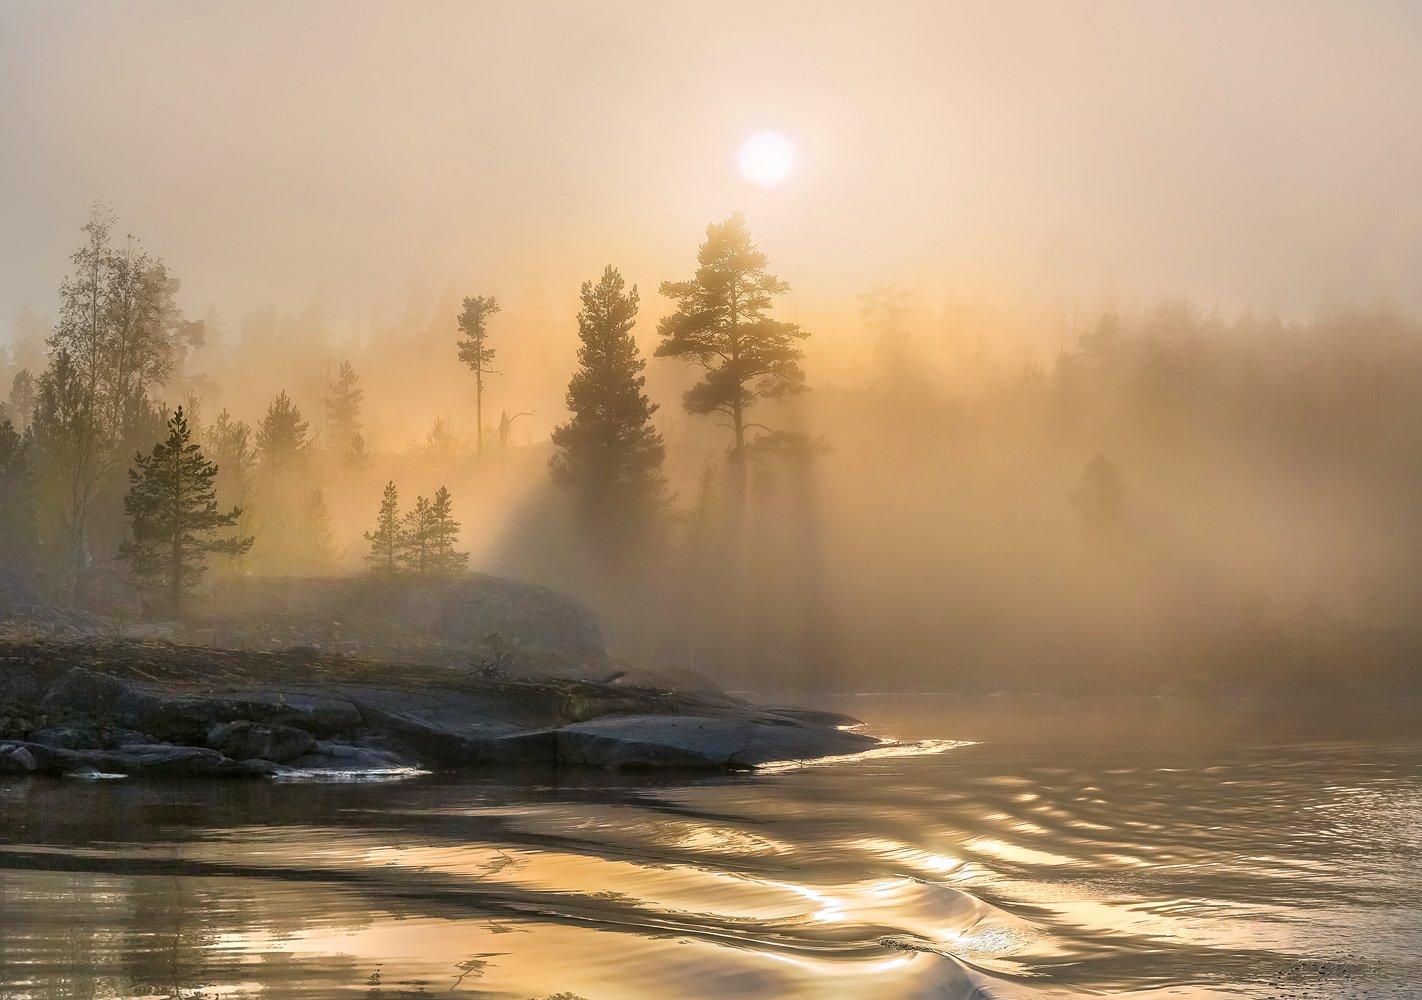 ладожское озеро, карелия, шхеры, лето, туман, скалы, лес, сосны, берег, фототур, остров, путешествие, плавание, вода, солнце, закат, отражение, лучи, Лашков Фёдор